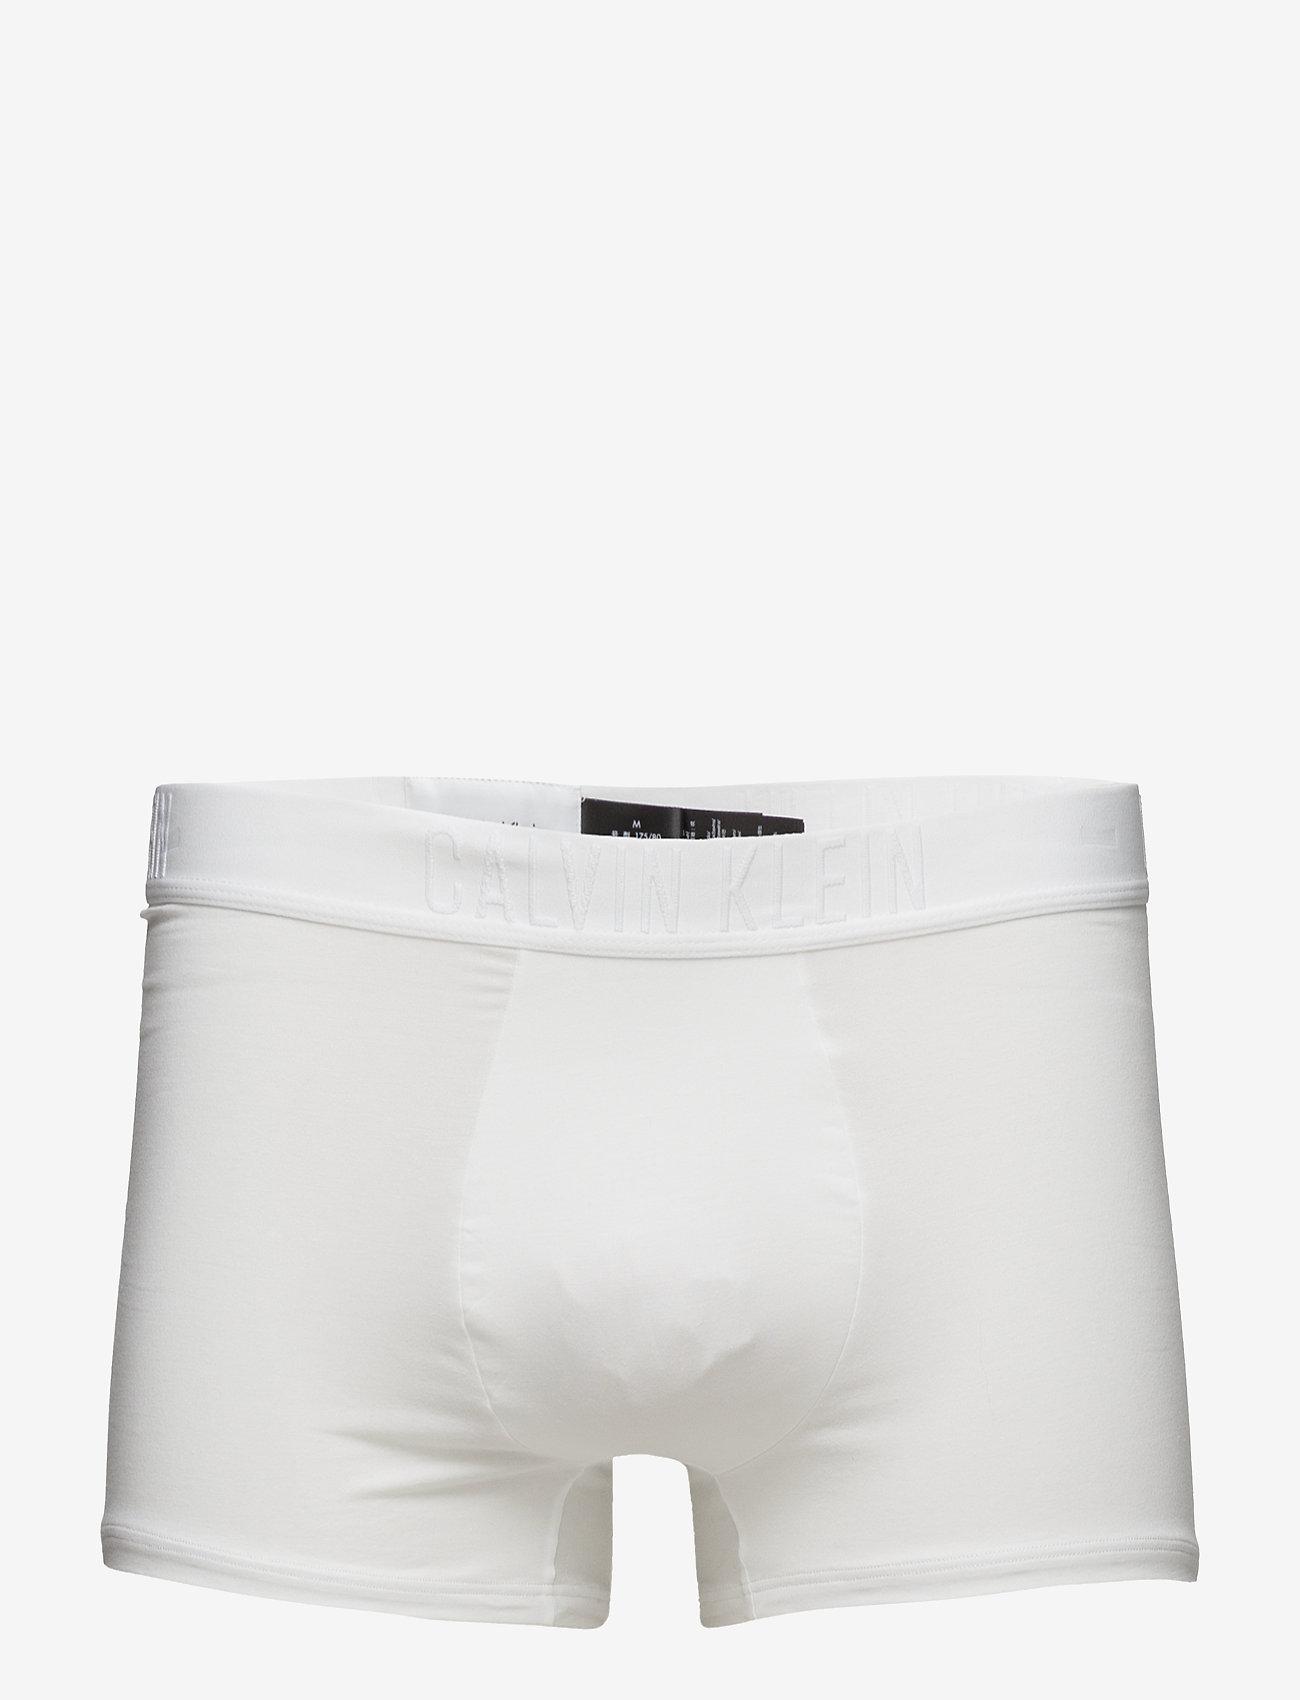 Calvin Klein - TRUNK - boxershorts - white - 0